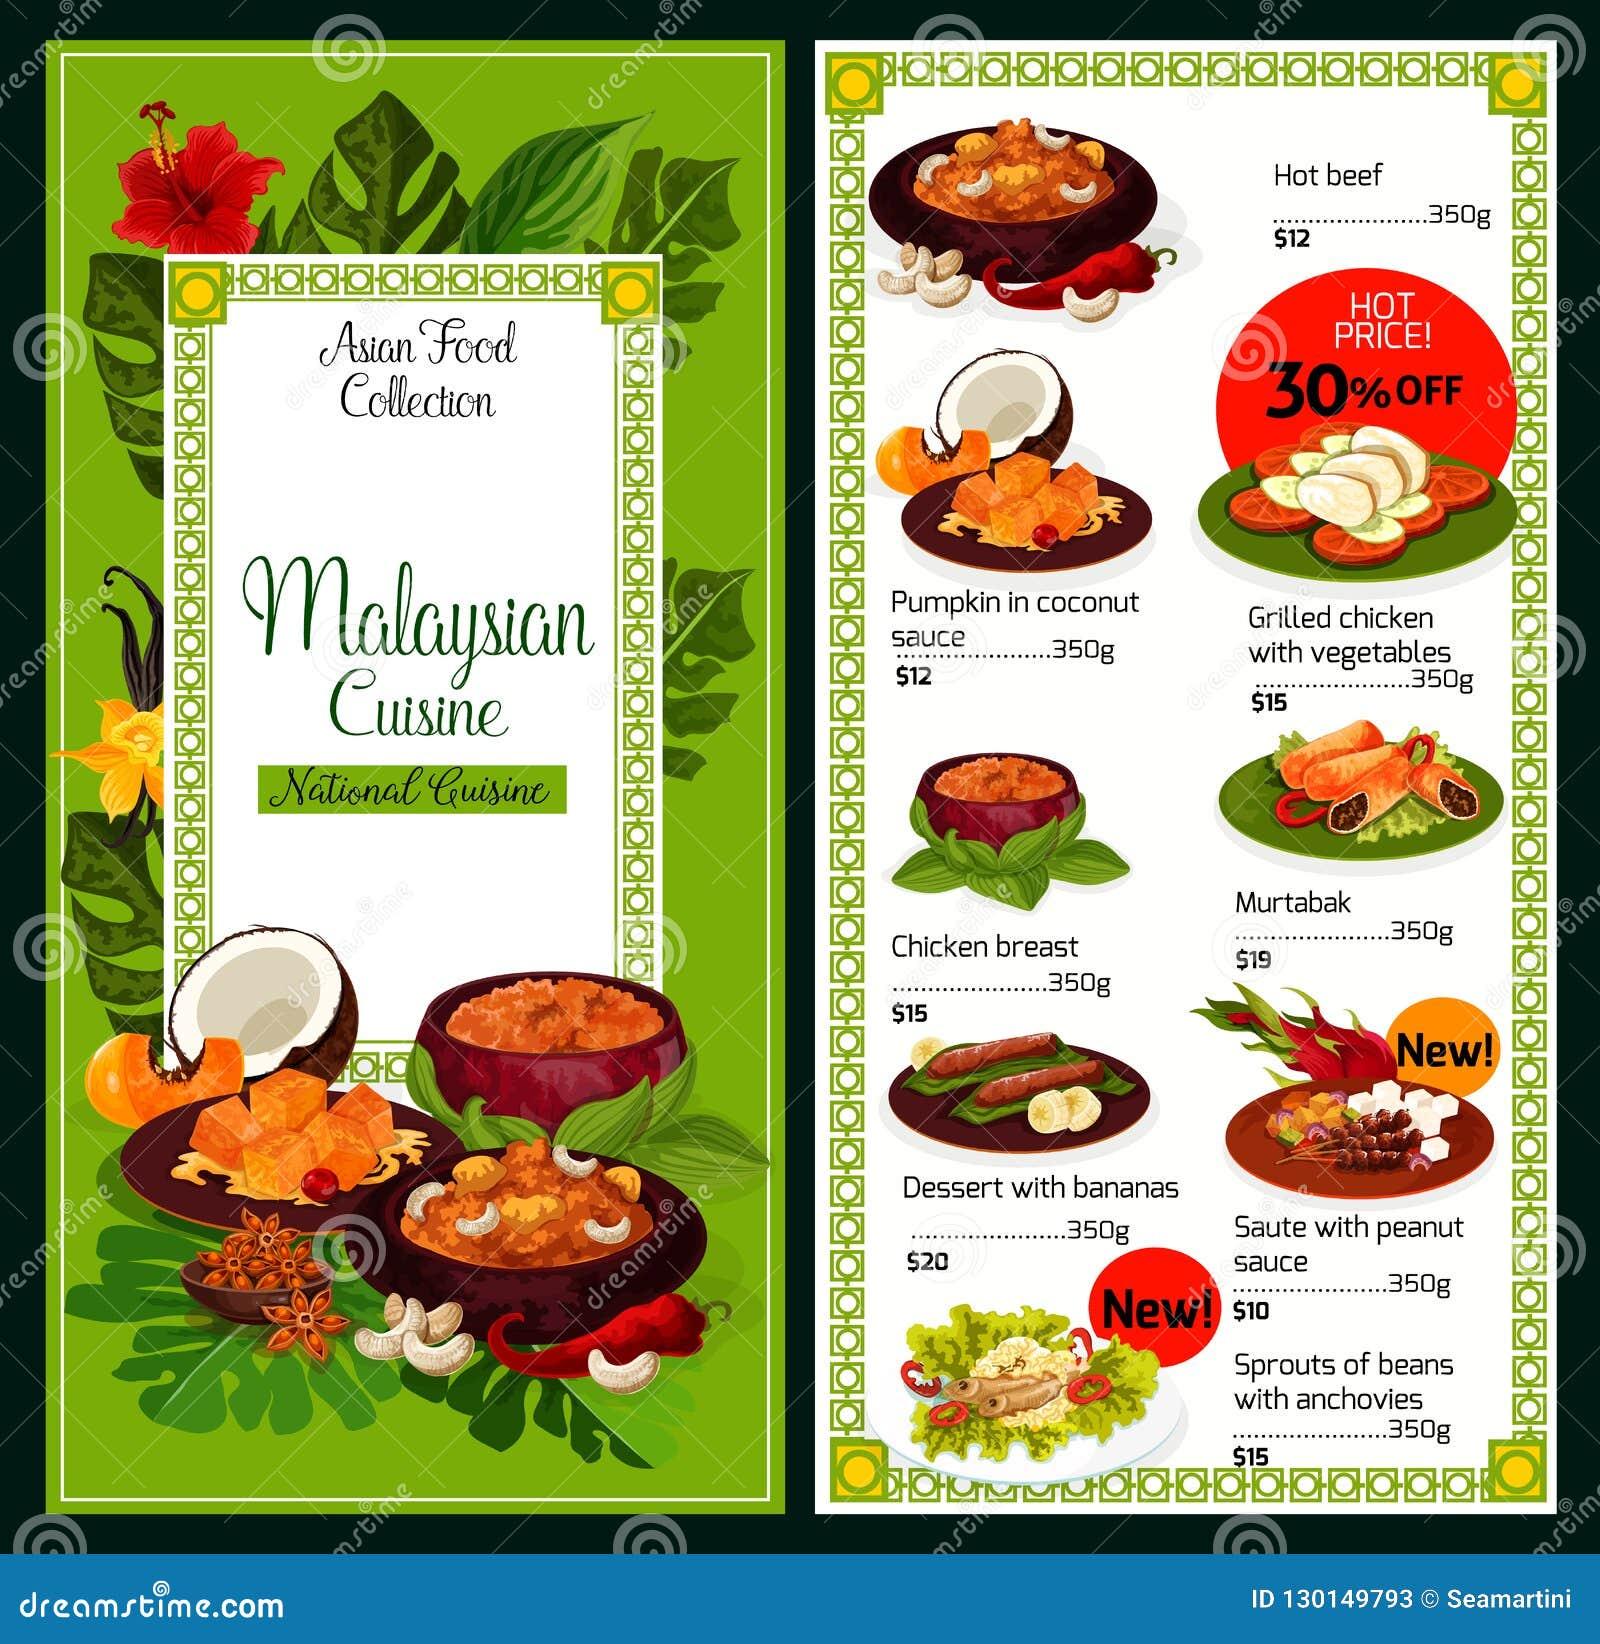 För diskmat för malaysisk kokkonst traditionell meny